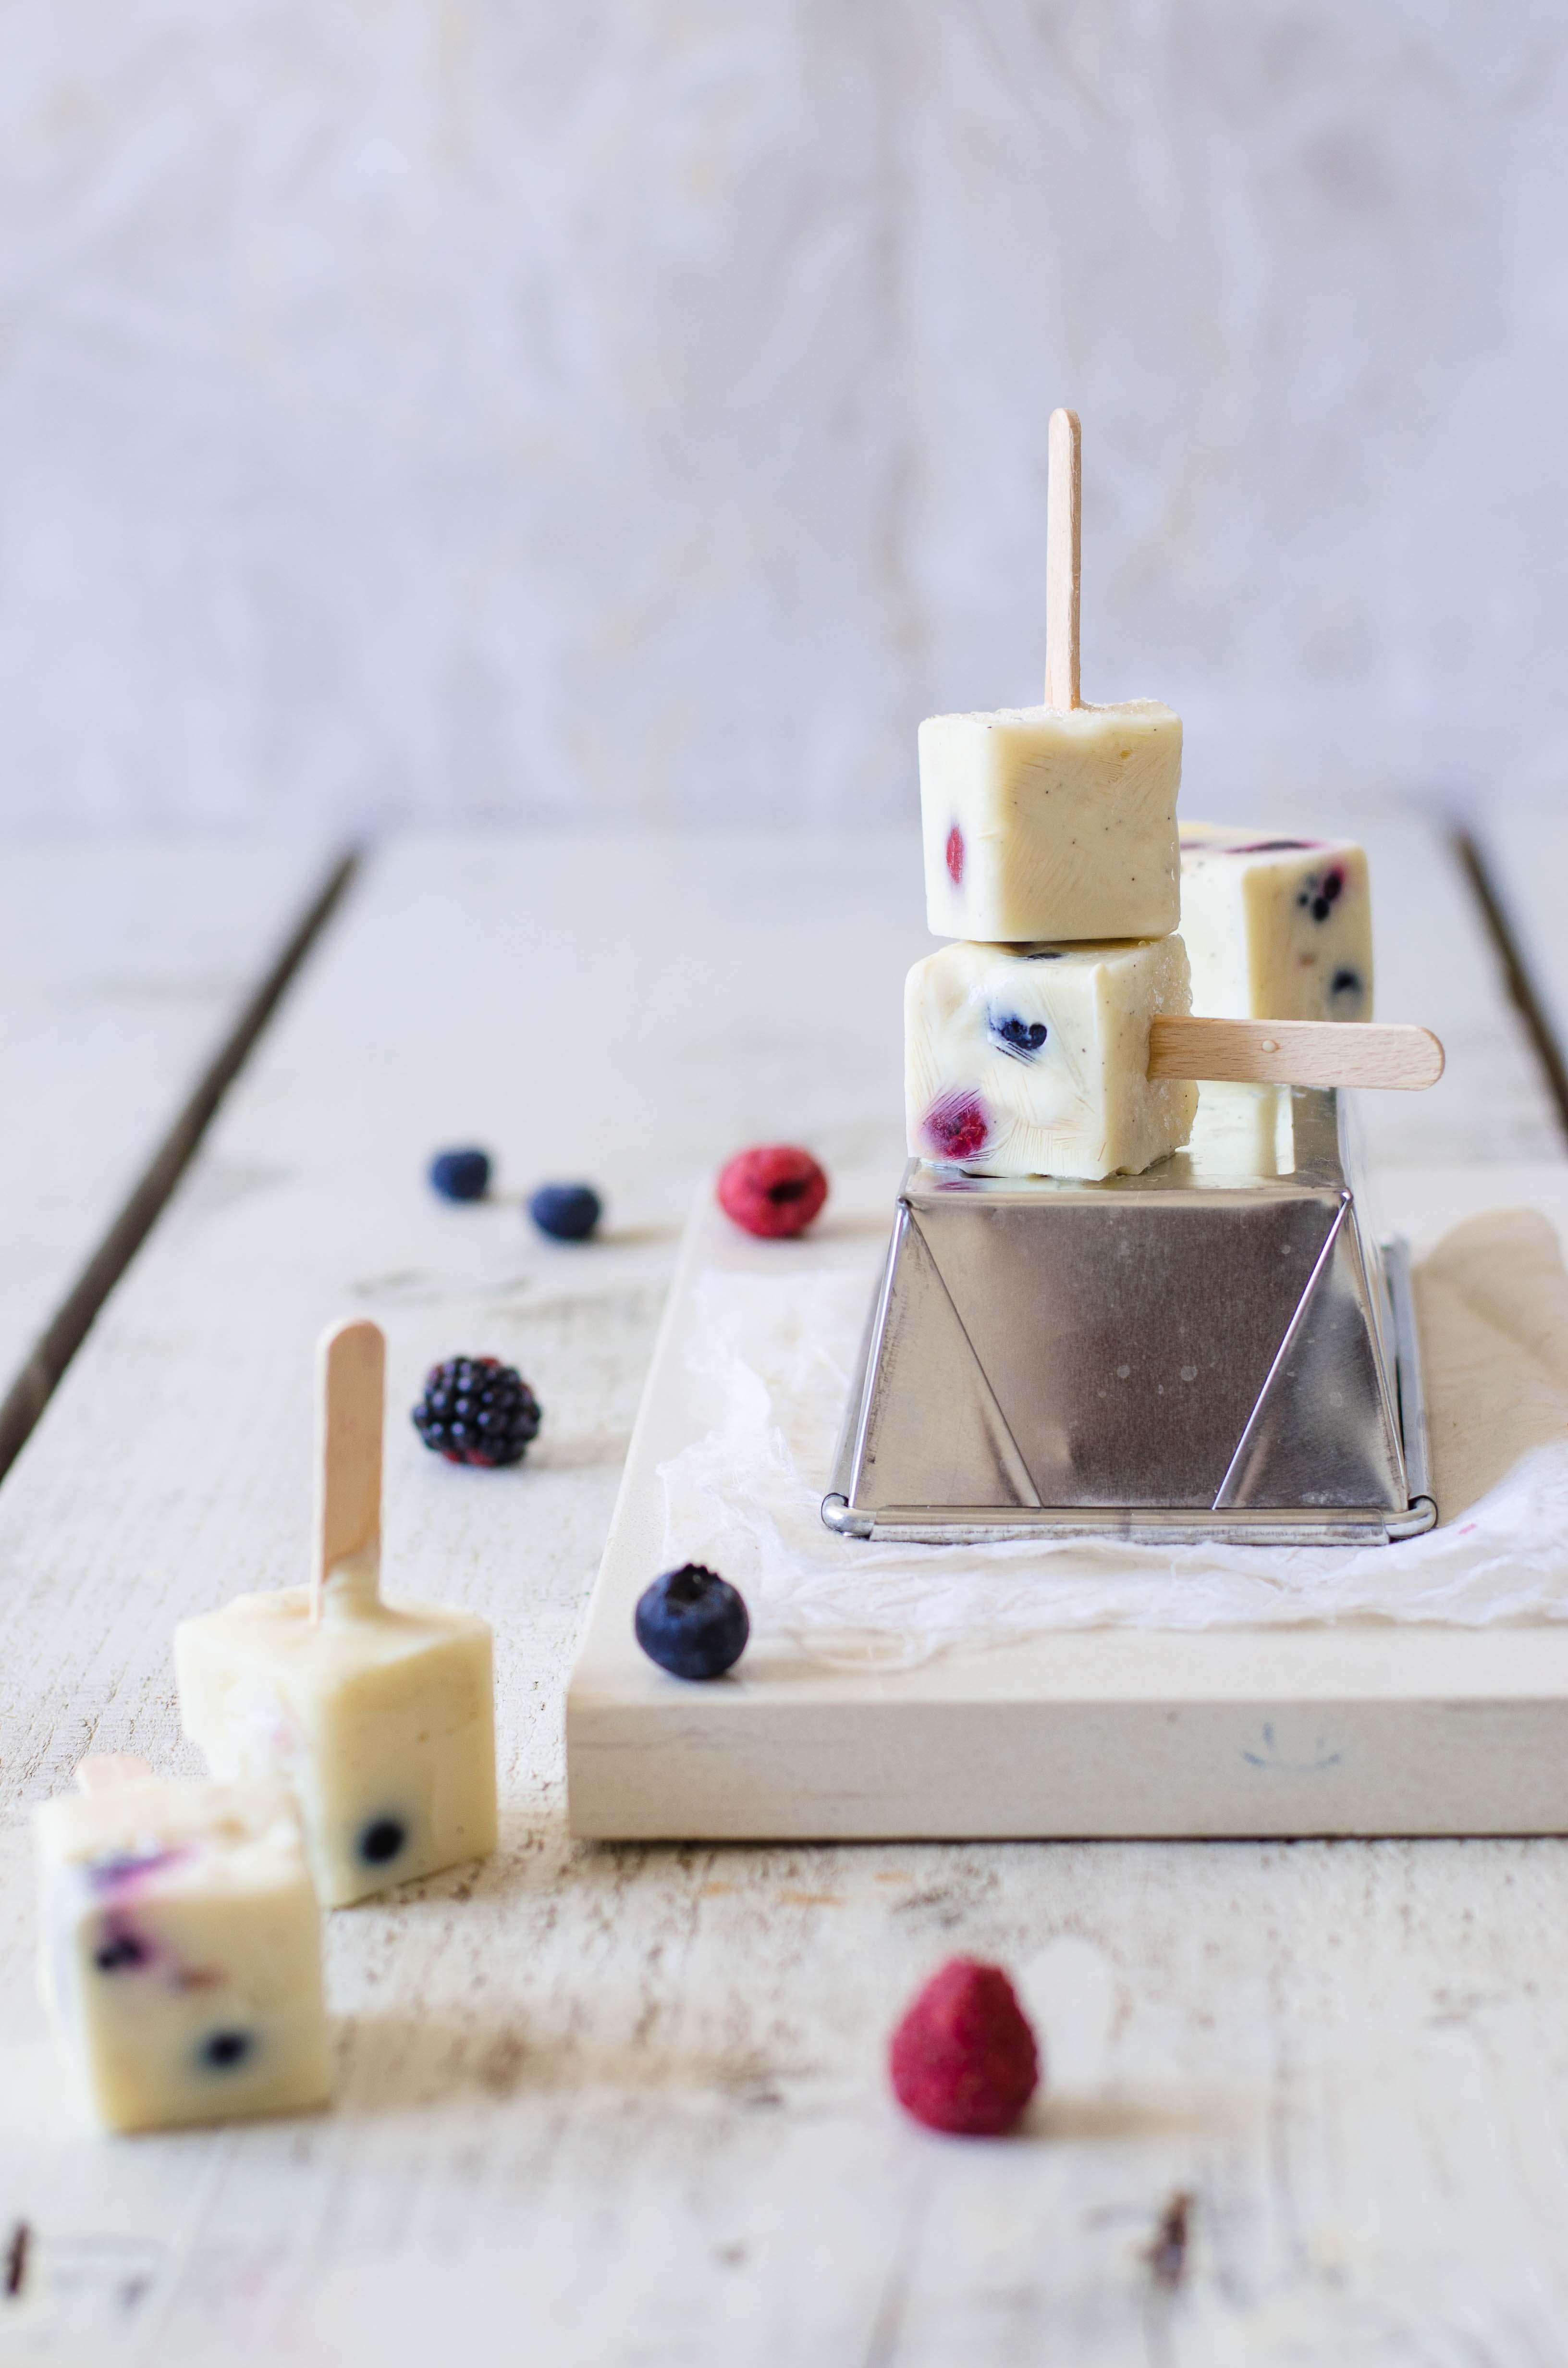 yogurt_soia_gelato12 Ghiaccioli di yogurt con frutti di bosco